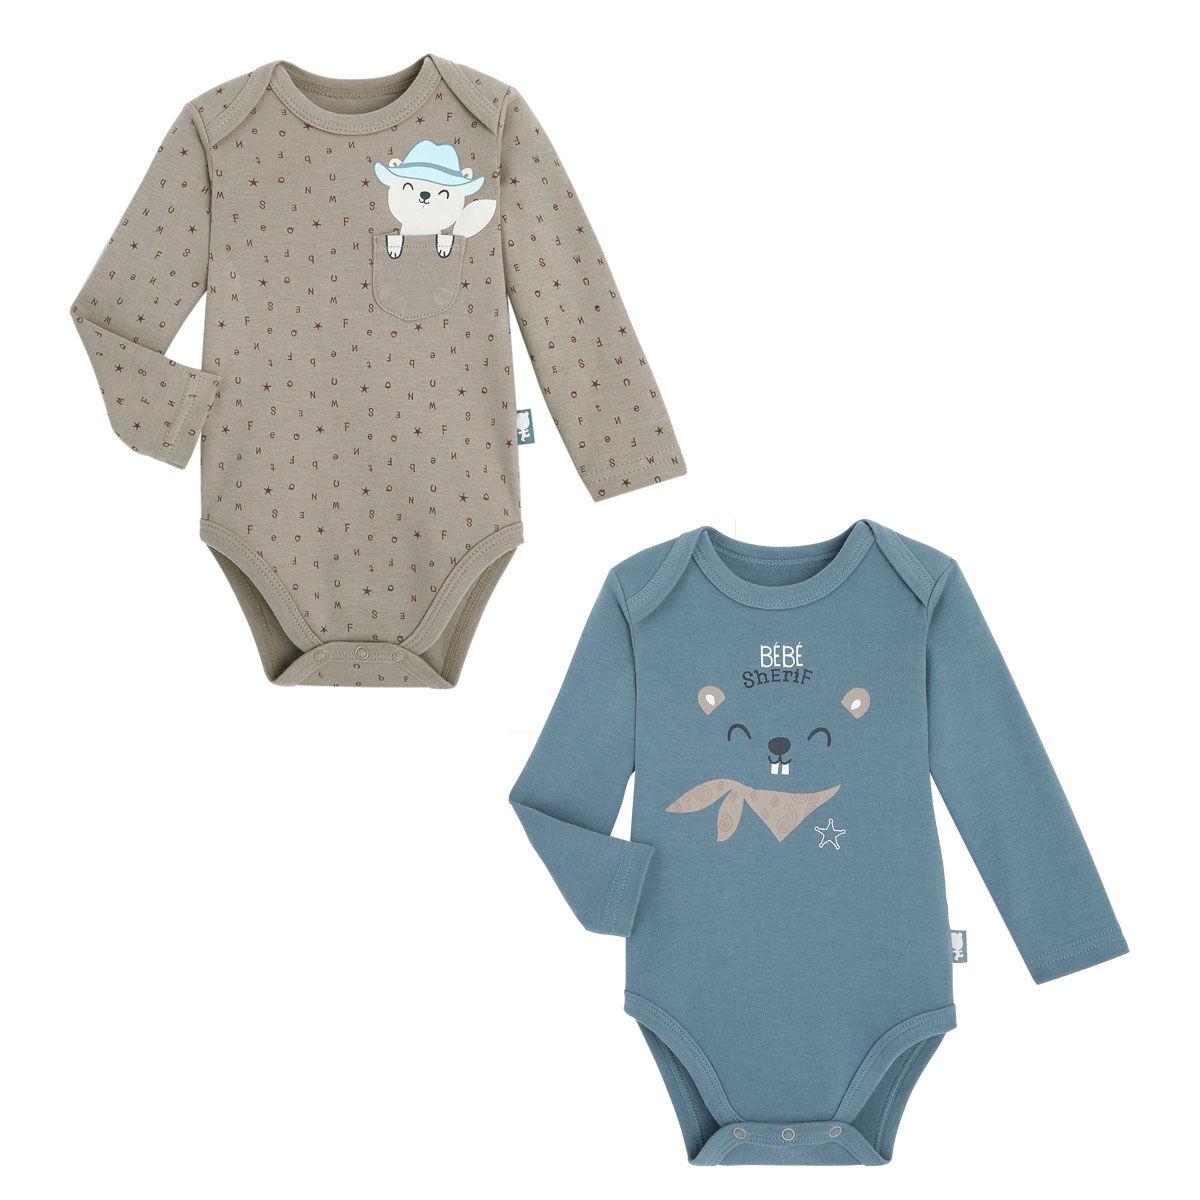 Petit Béguin Lot de 2 bodies bébé garçon manches longues Little Cowboy - Taille - 6 mois